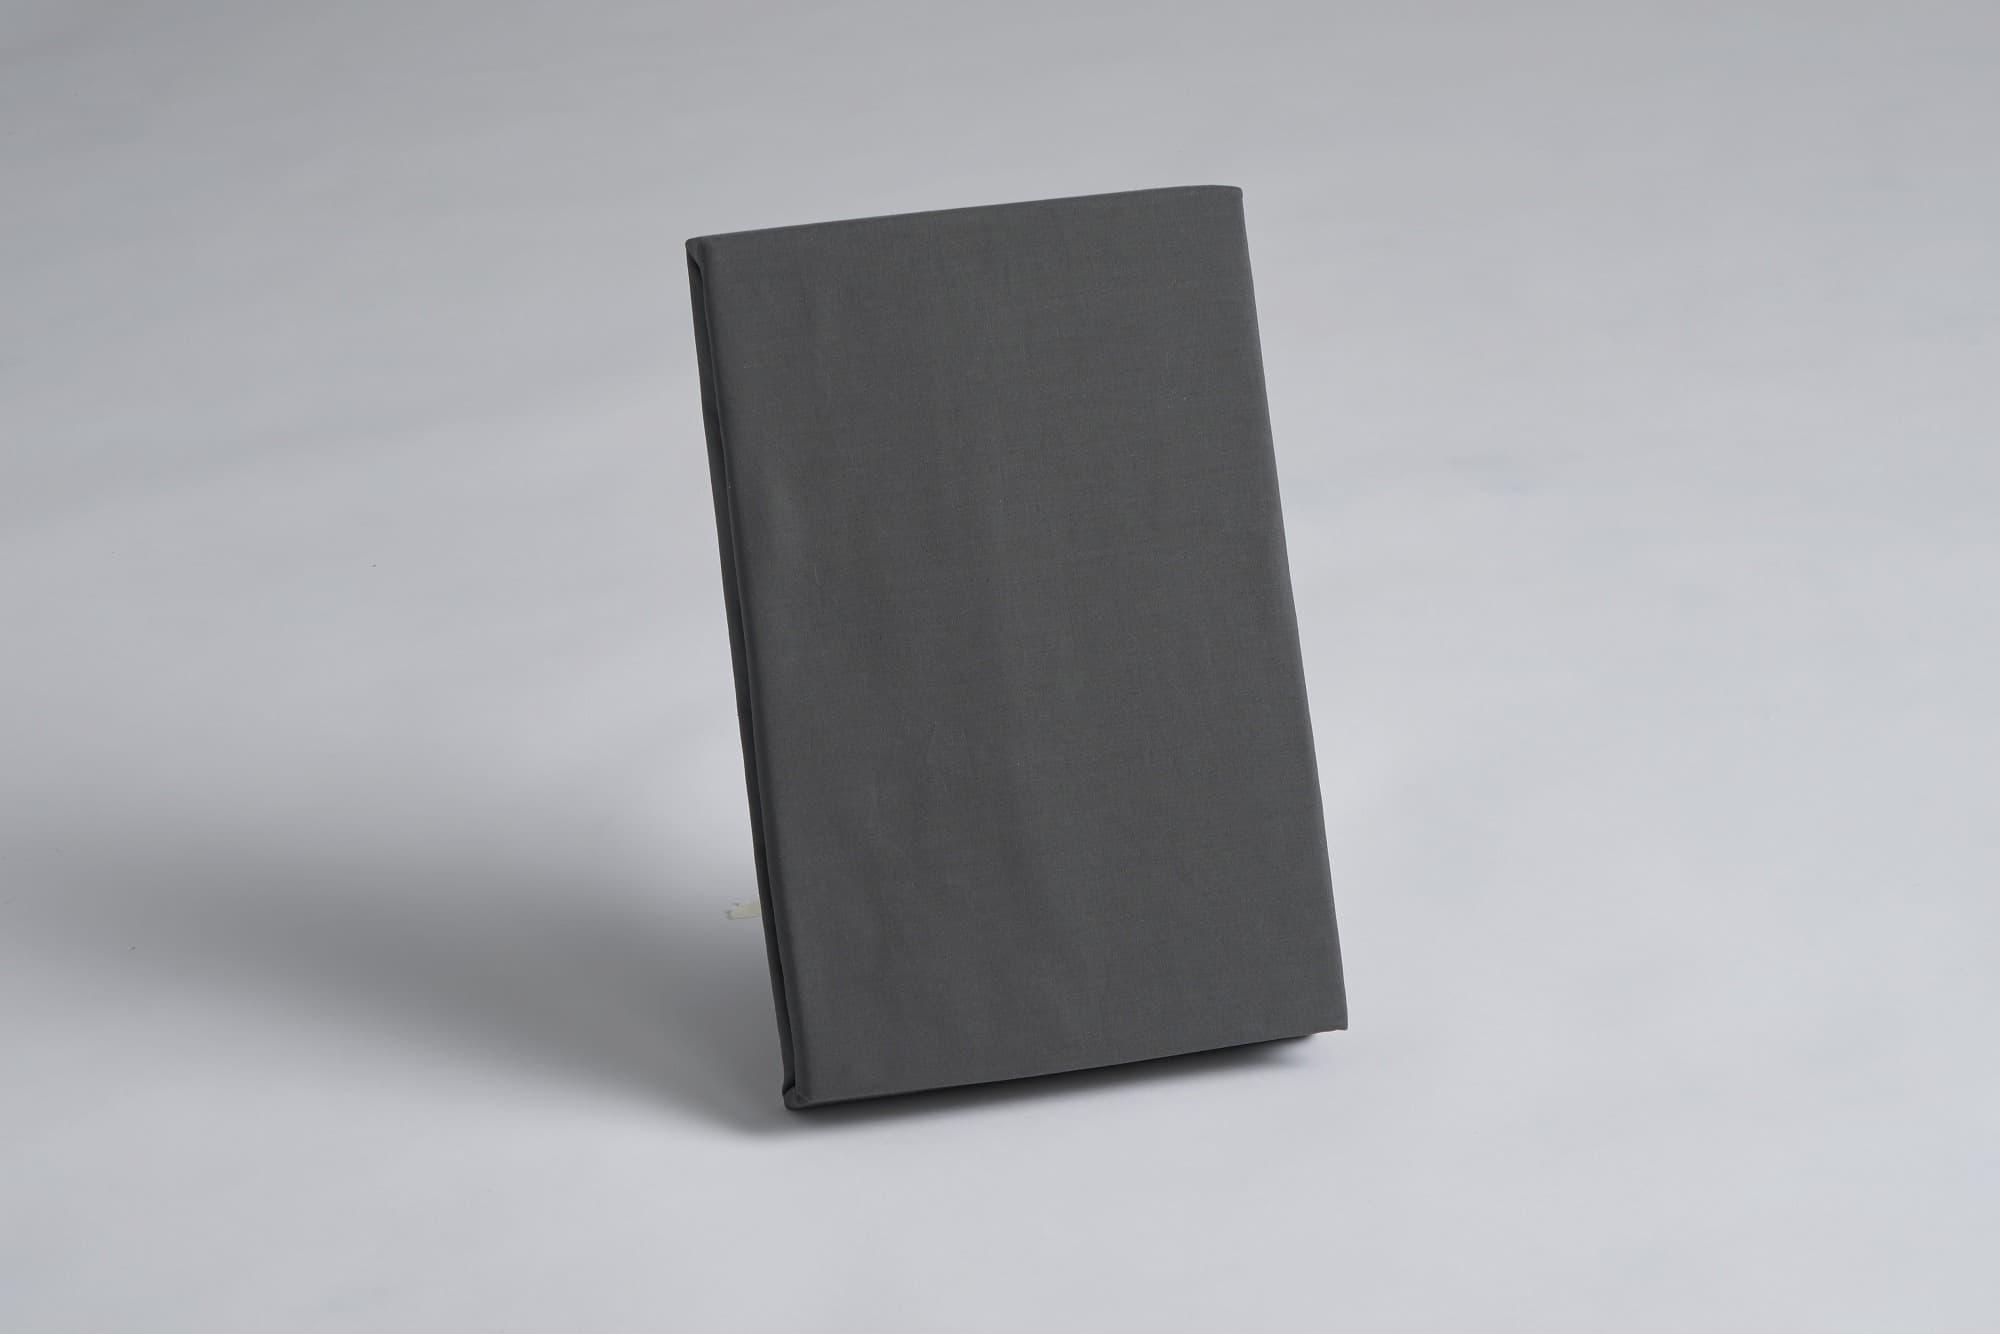 ボックスシーツ キング1用 30H グレー:《綿100%を使用したボックスシーツ》